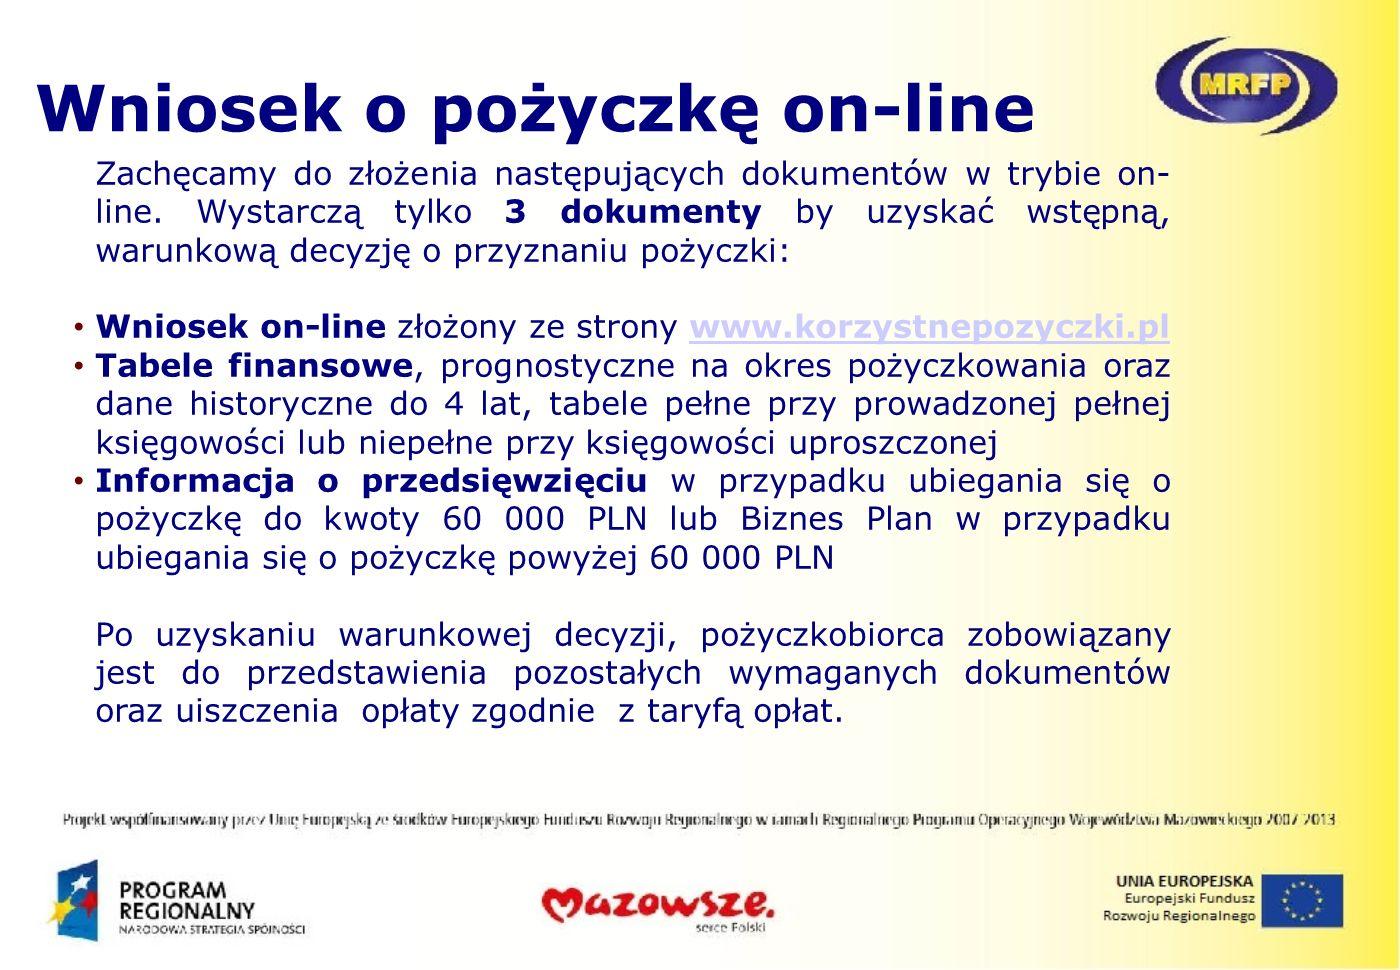 Wniosek o pożyczkę on-line